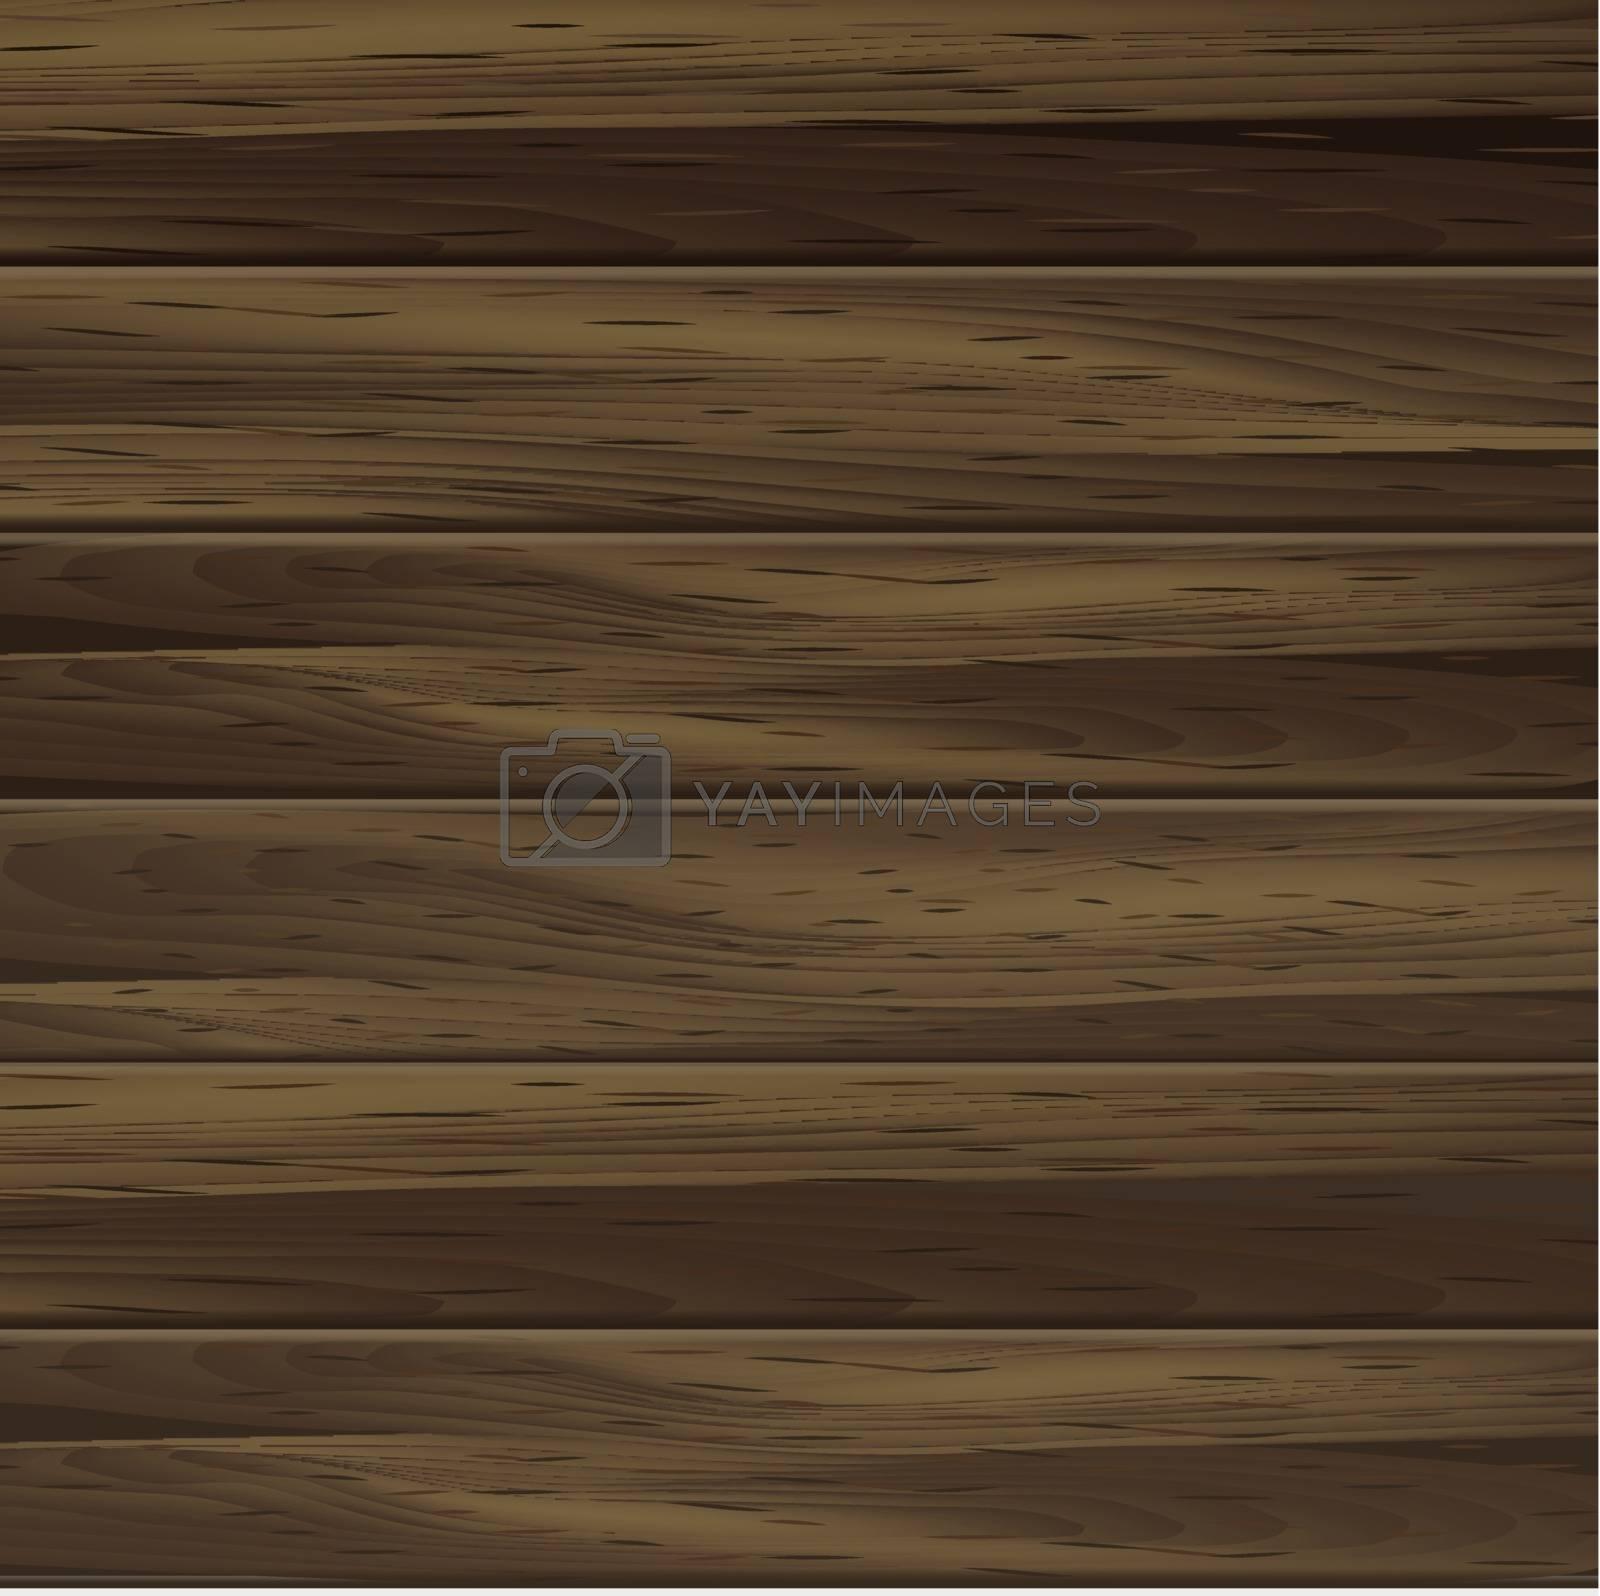 Wood texture by ikopylov